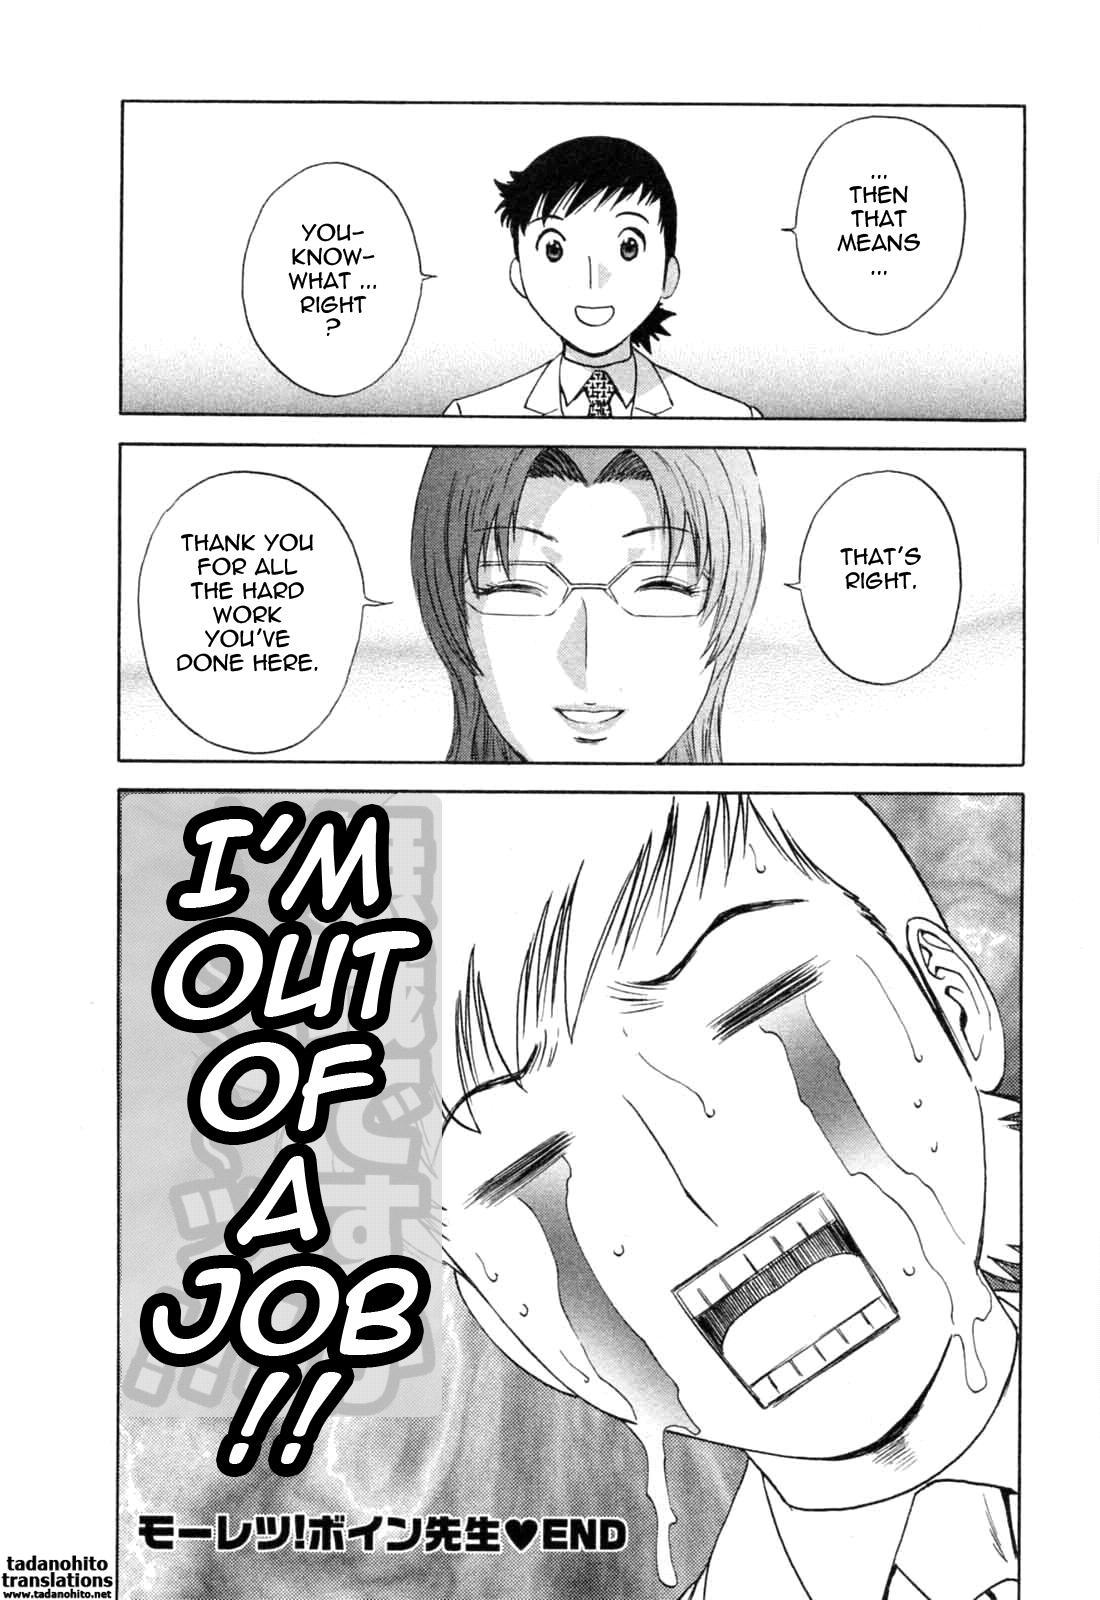 [Hidemaru] Mo-Retsu! Boin Sensei (Boing Boing Teacher) Vol.5 [English] [4dawgz] [Tadanohito] 190